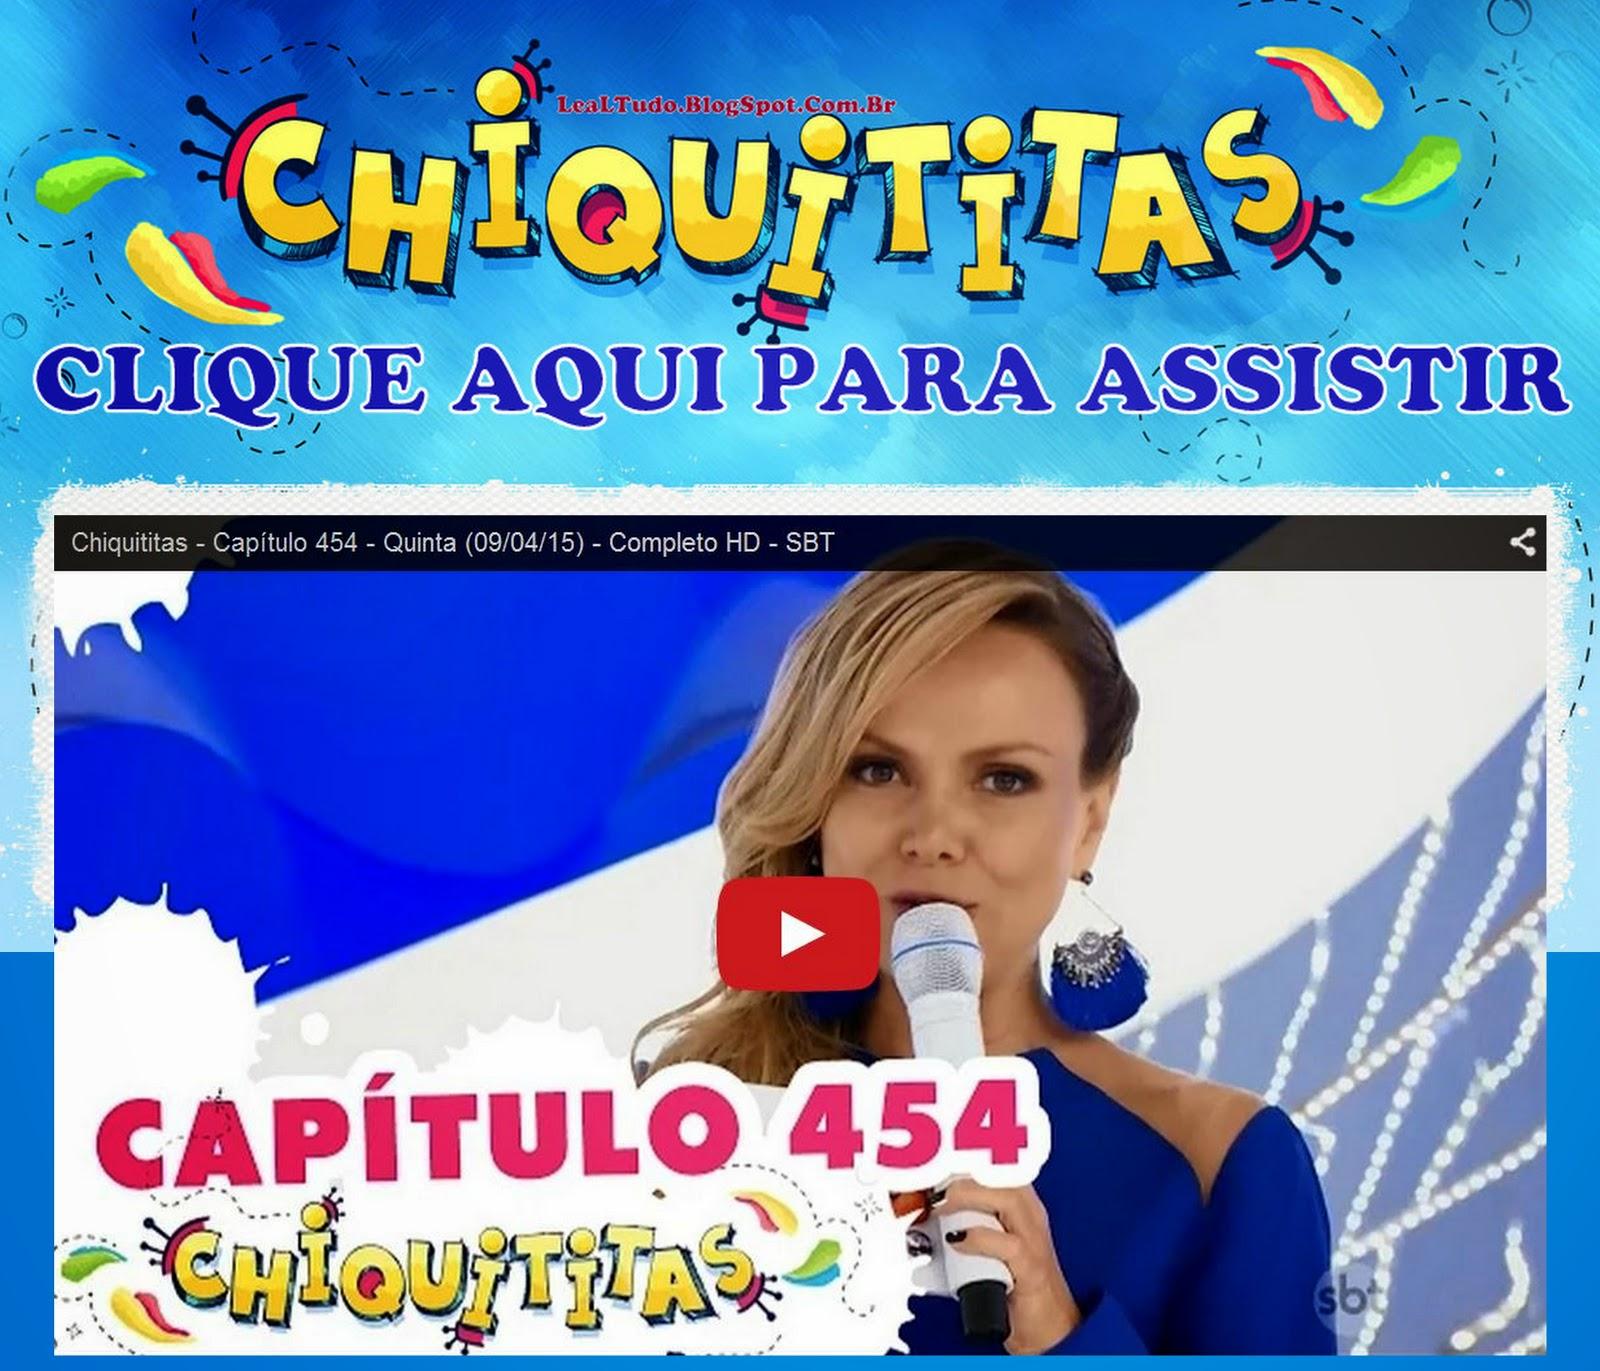 Assistir 'CHIQUITITAS 2015' Dia 9 ABRIL QUINTA FEIRA Capítulo da Novela, Ler Resumo de Hoje, de Ontem, de Amanhã SBT